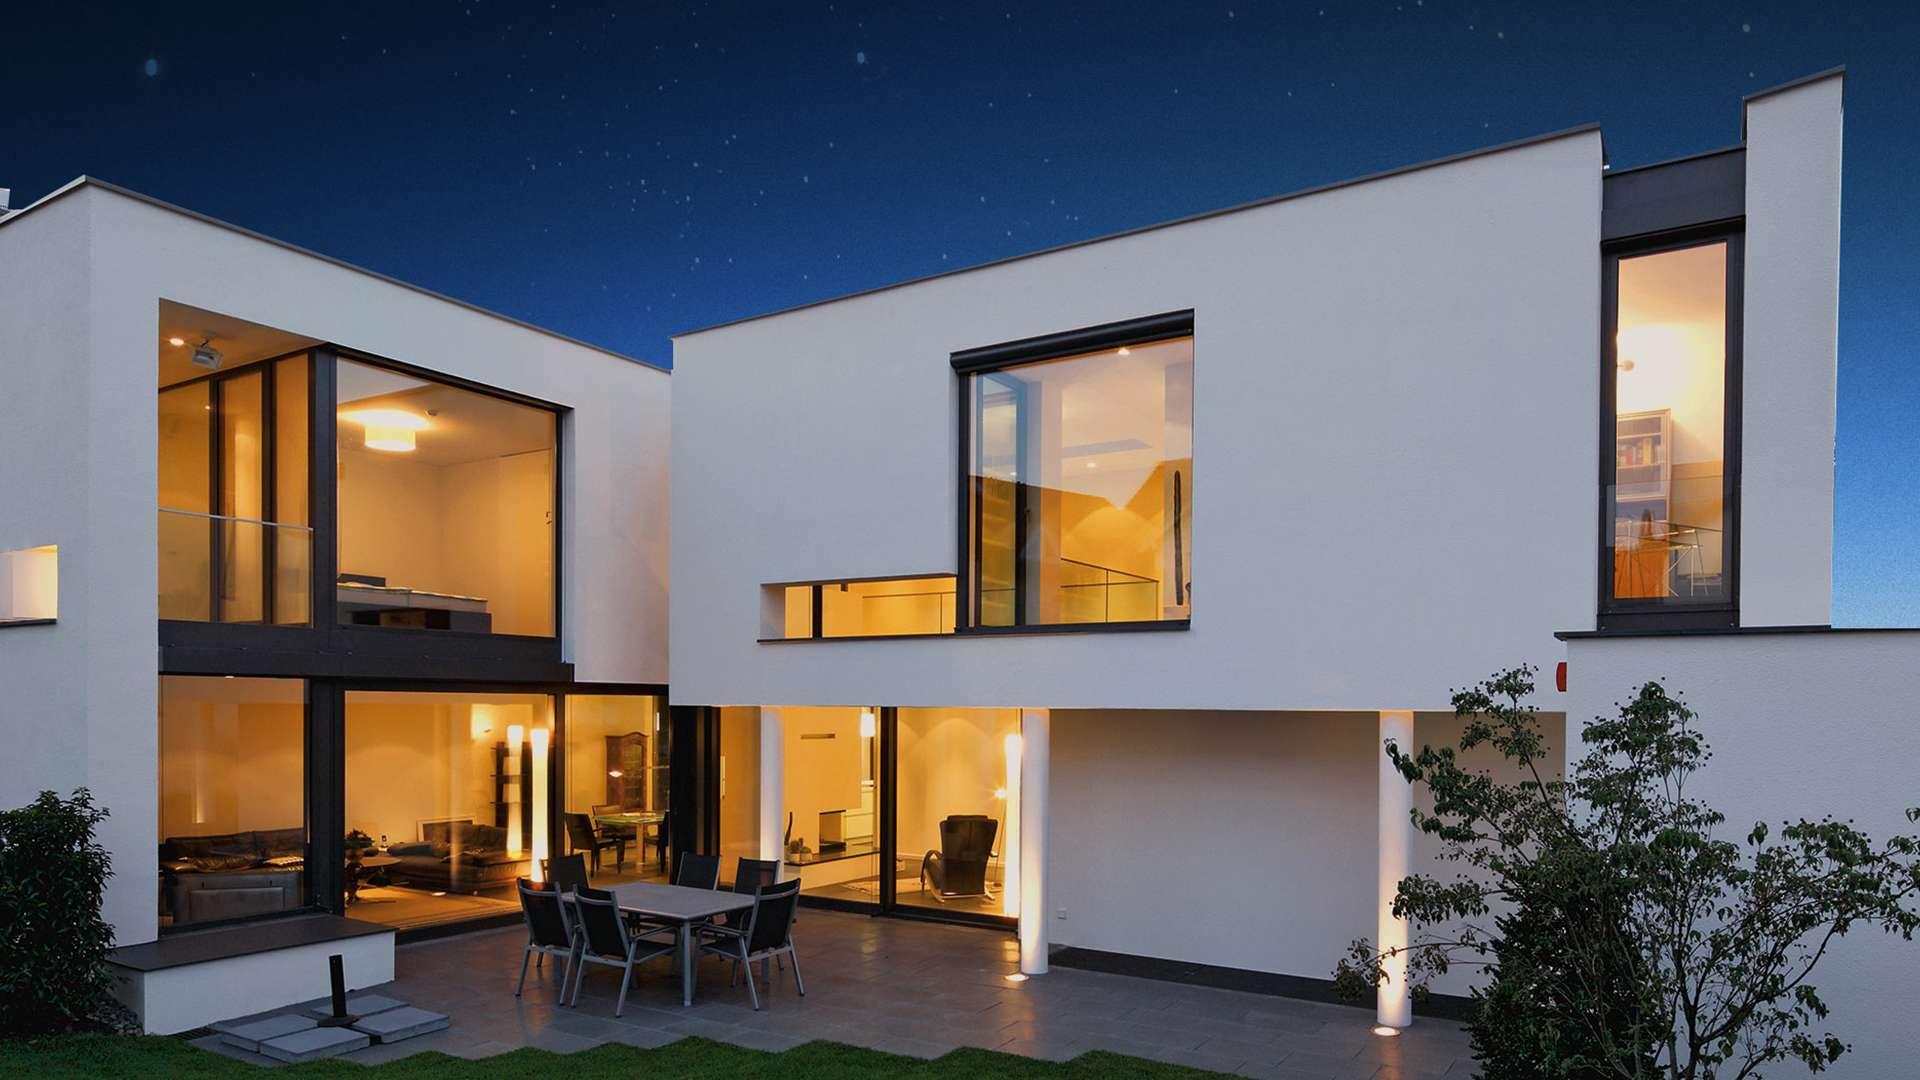 modernes Haus mit bodentiefen Fenster